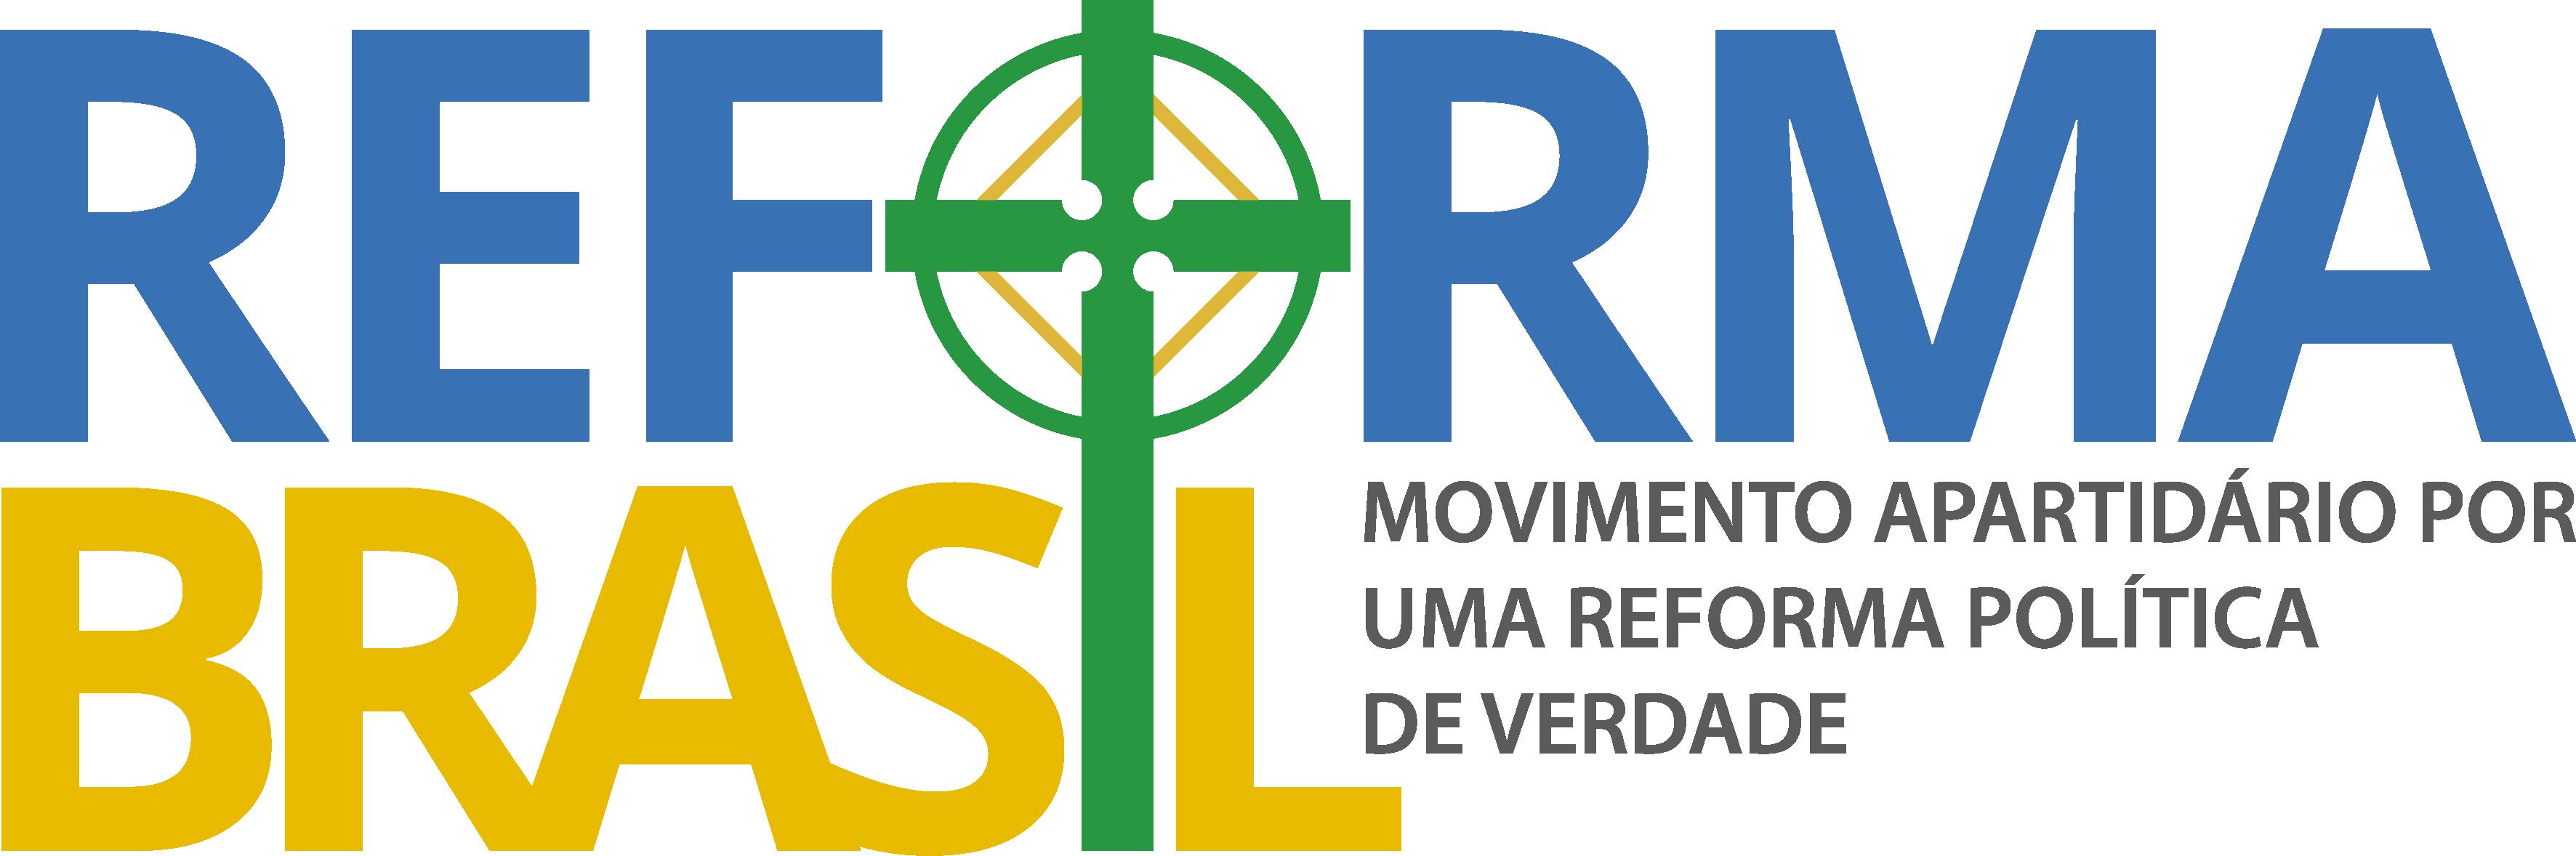 Reforma Brasil